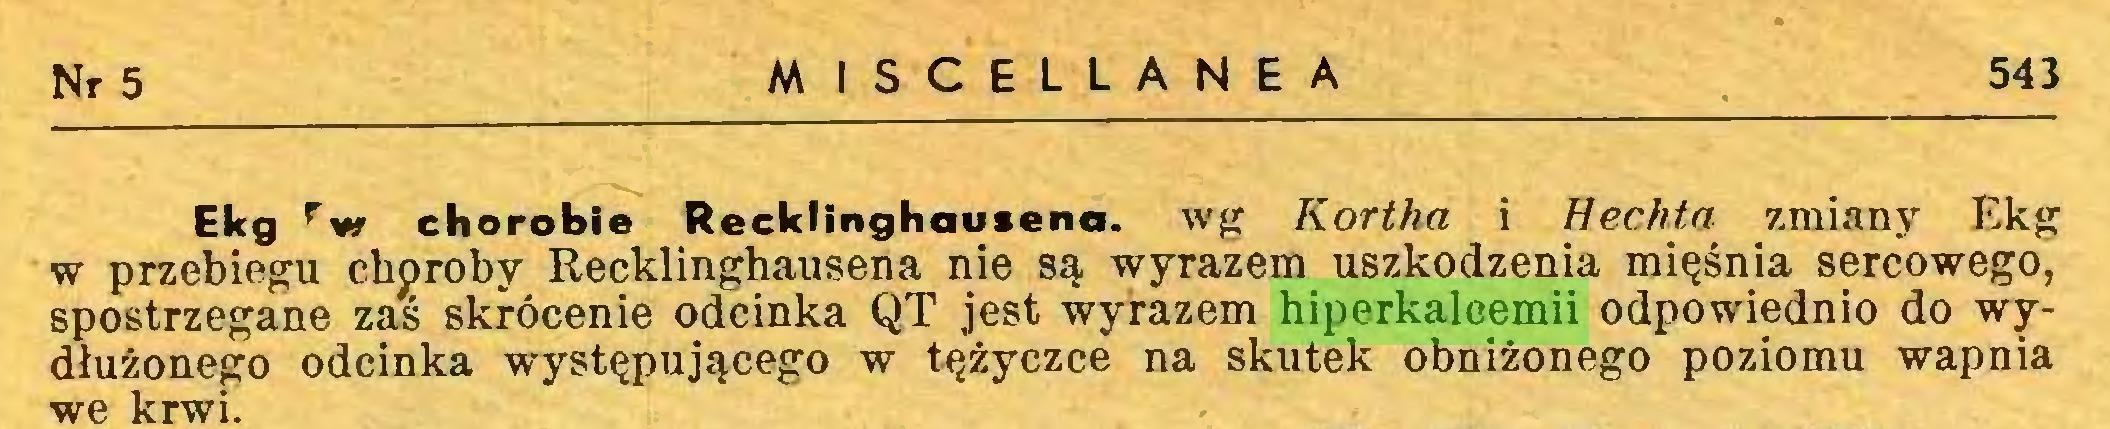 (...) Nr 5 MISCELLANEA 543 Ekg rw chorobie Recklinghausena. wg Kortha i Hechta zmiany Ekg w przebiegu choroby Recklinghausena nie są wyrazem uszkodzenia mięśnia sercowego, spostrzegane zas skrócenie odcinka QT jest wyrazem hiperkalcemii odpowiednio do wydłużonego odcinka występującego w tężyczce na skutek obniżonego poziomu wapnia we krwi...